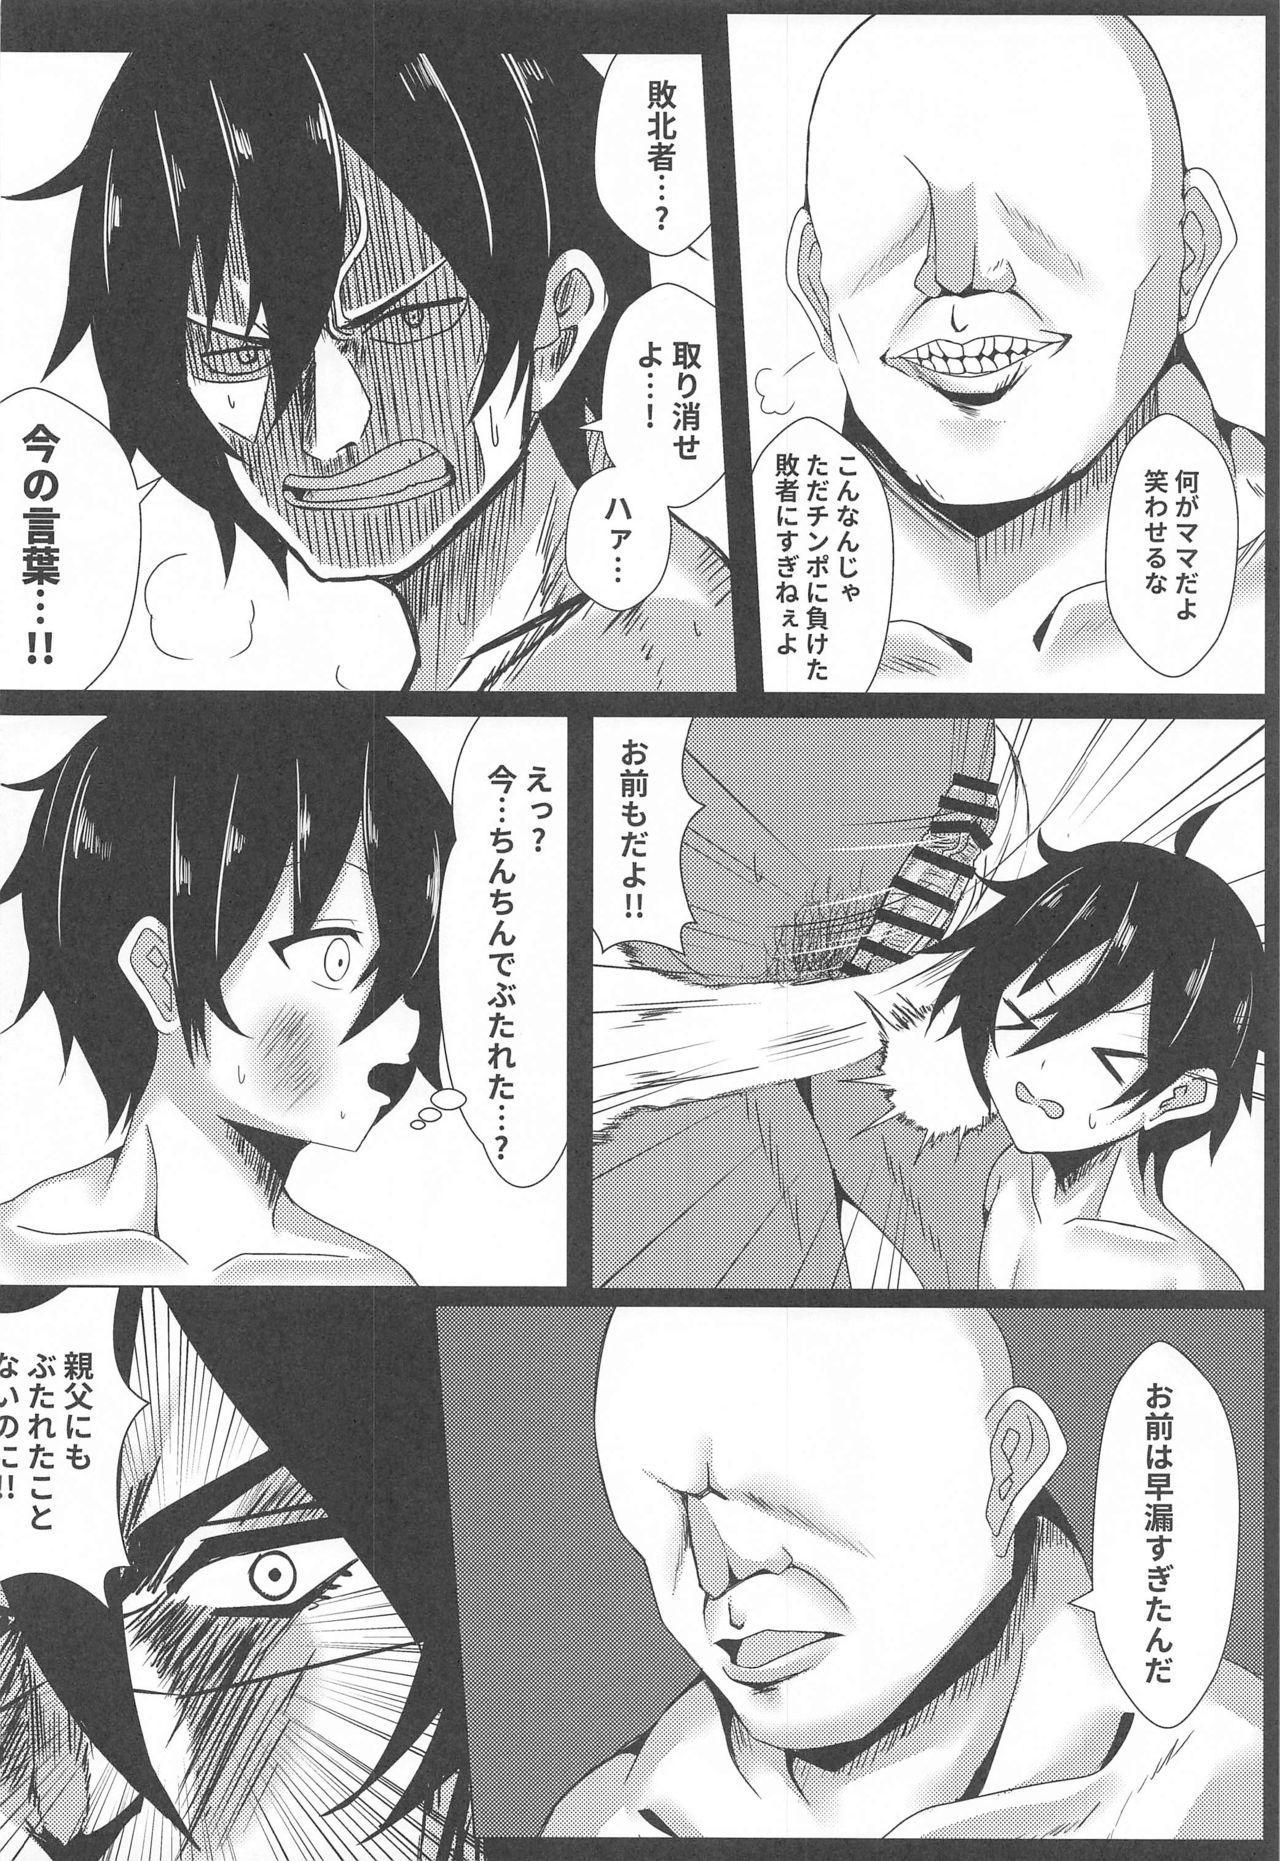 mazafua○kadoshi!dotchiokashitemo!nannochigaimoaryashinedaroga! 18